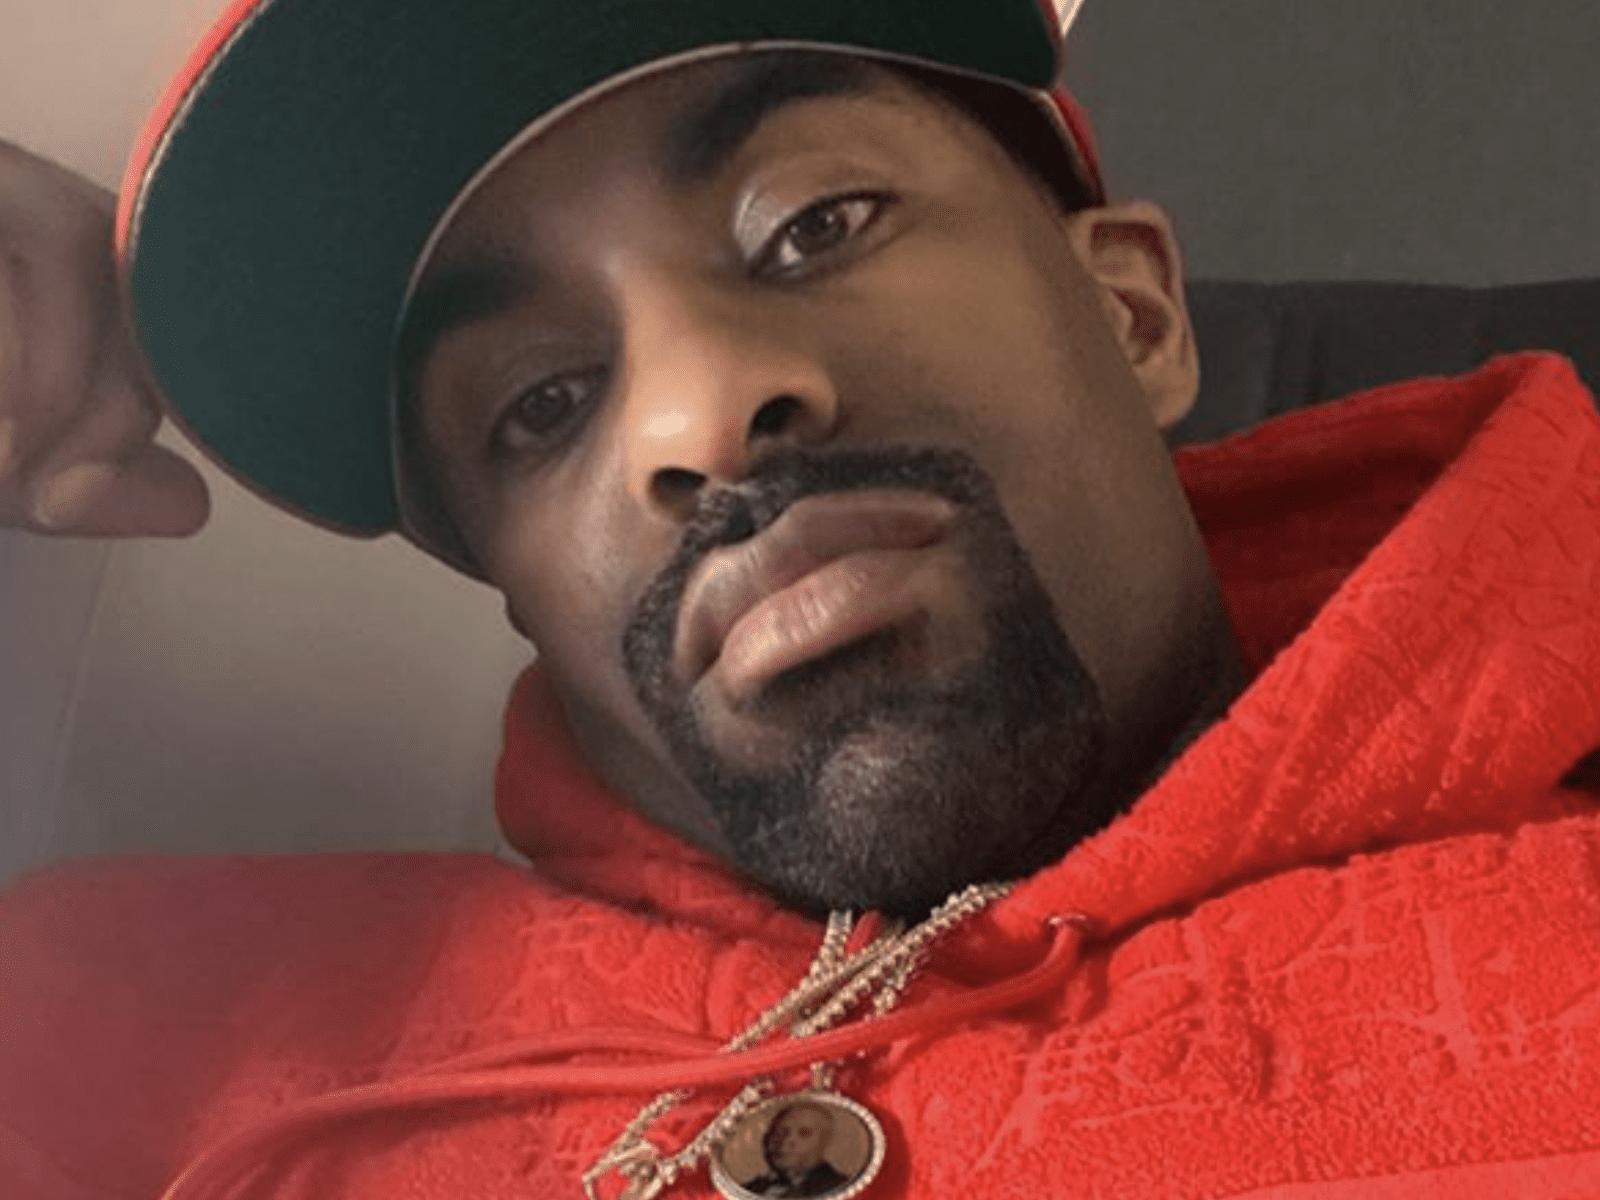 DJ Clue Red Hoodie Selfie